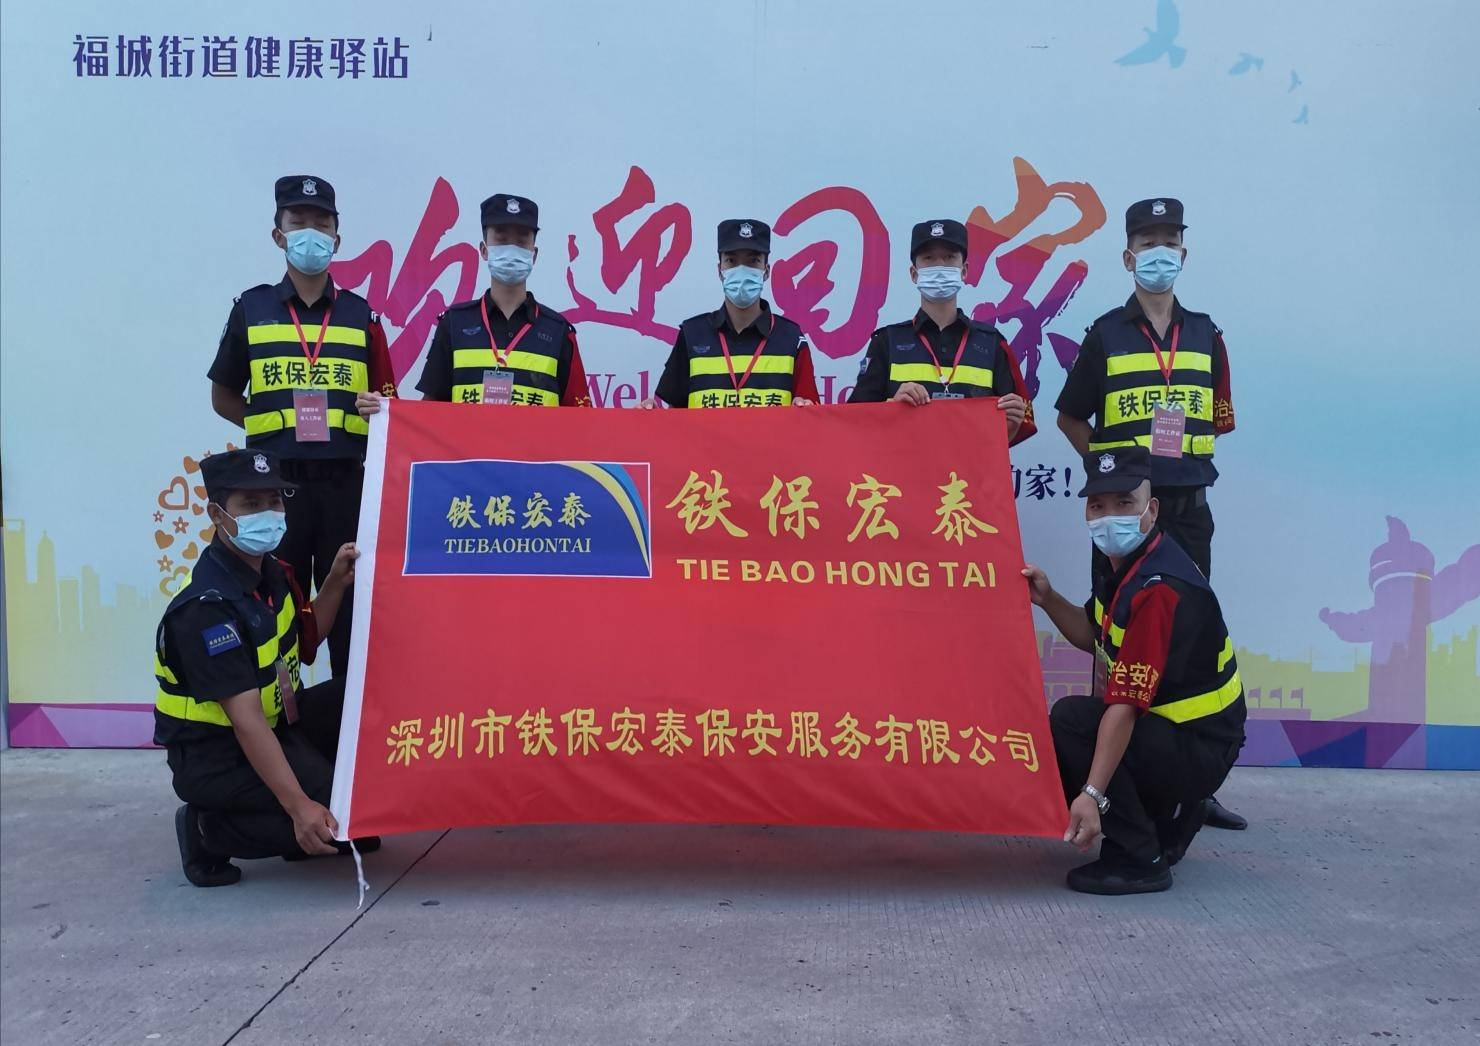 深圳市铁保宏泰保安服务有限公司汕头分公司